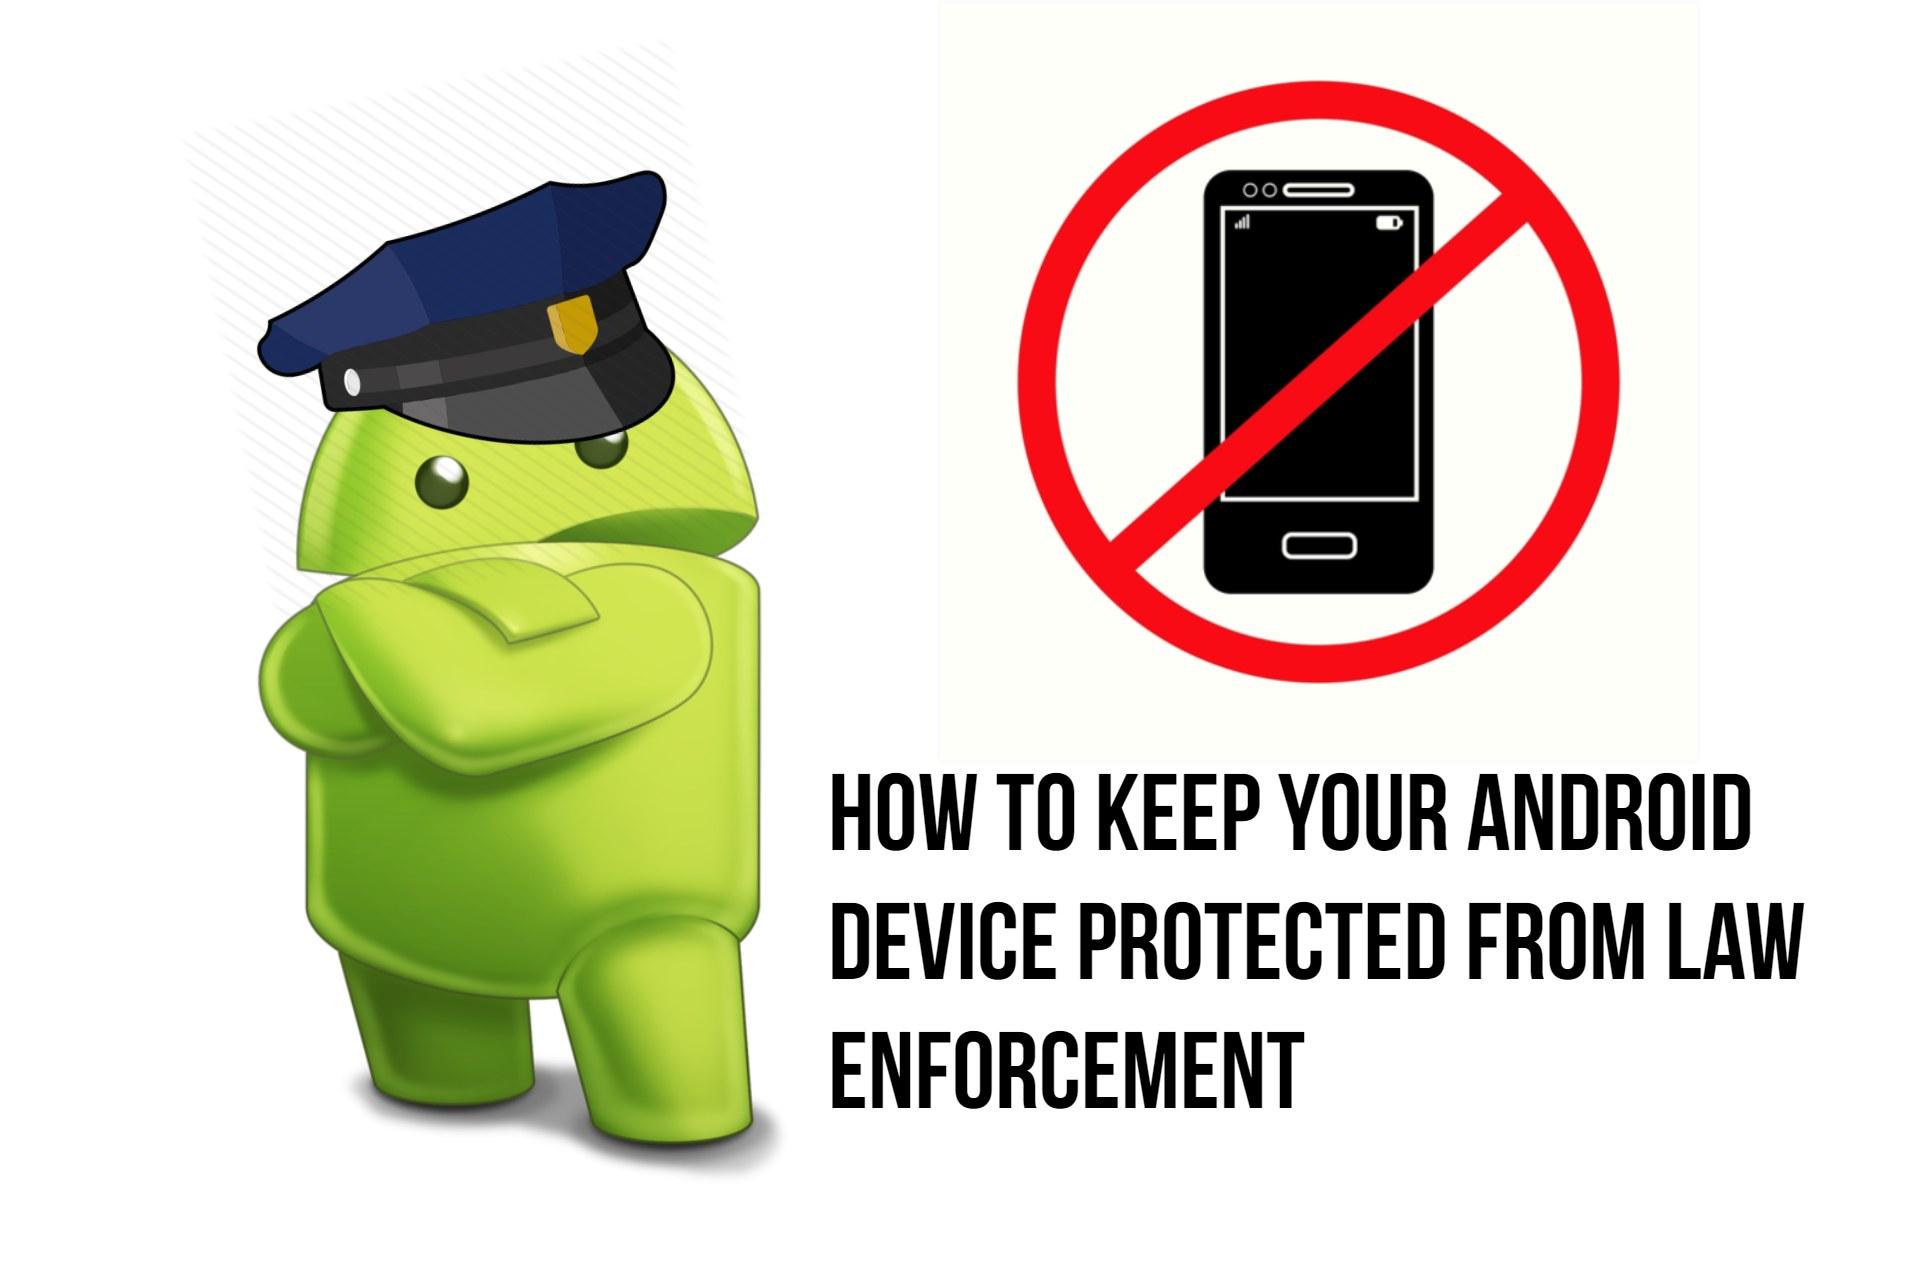 Cómo mantener tu dispositivo Android protegido de las fuerzas del orden